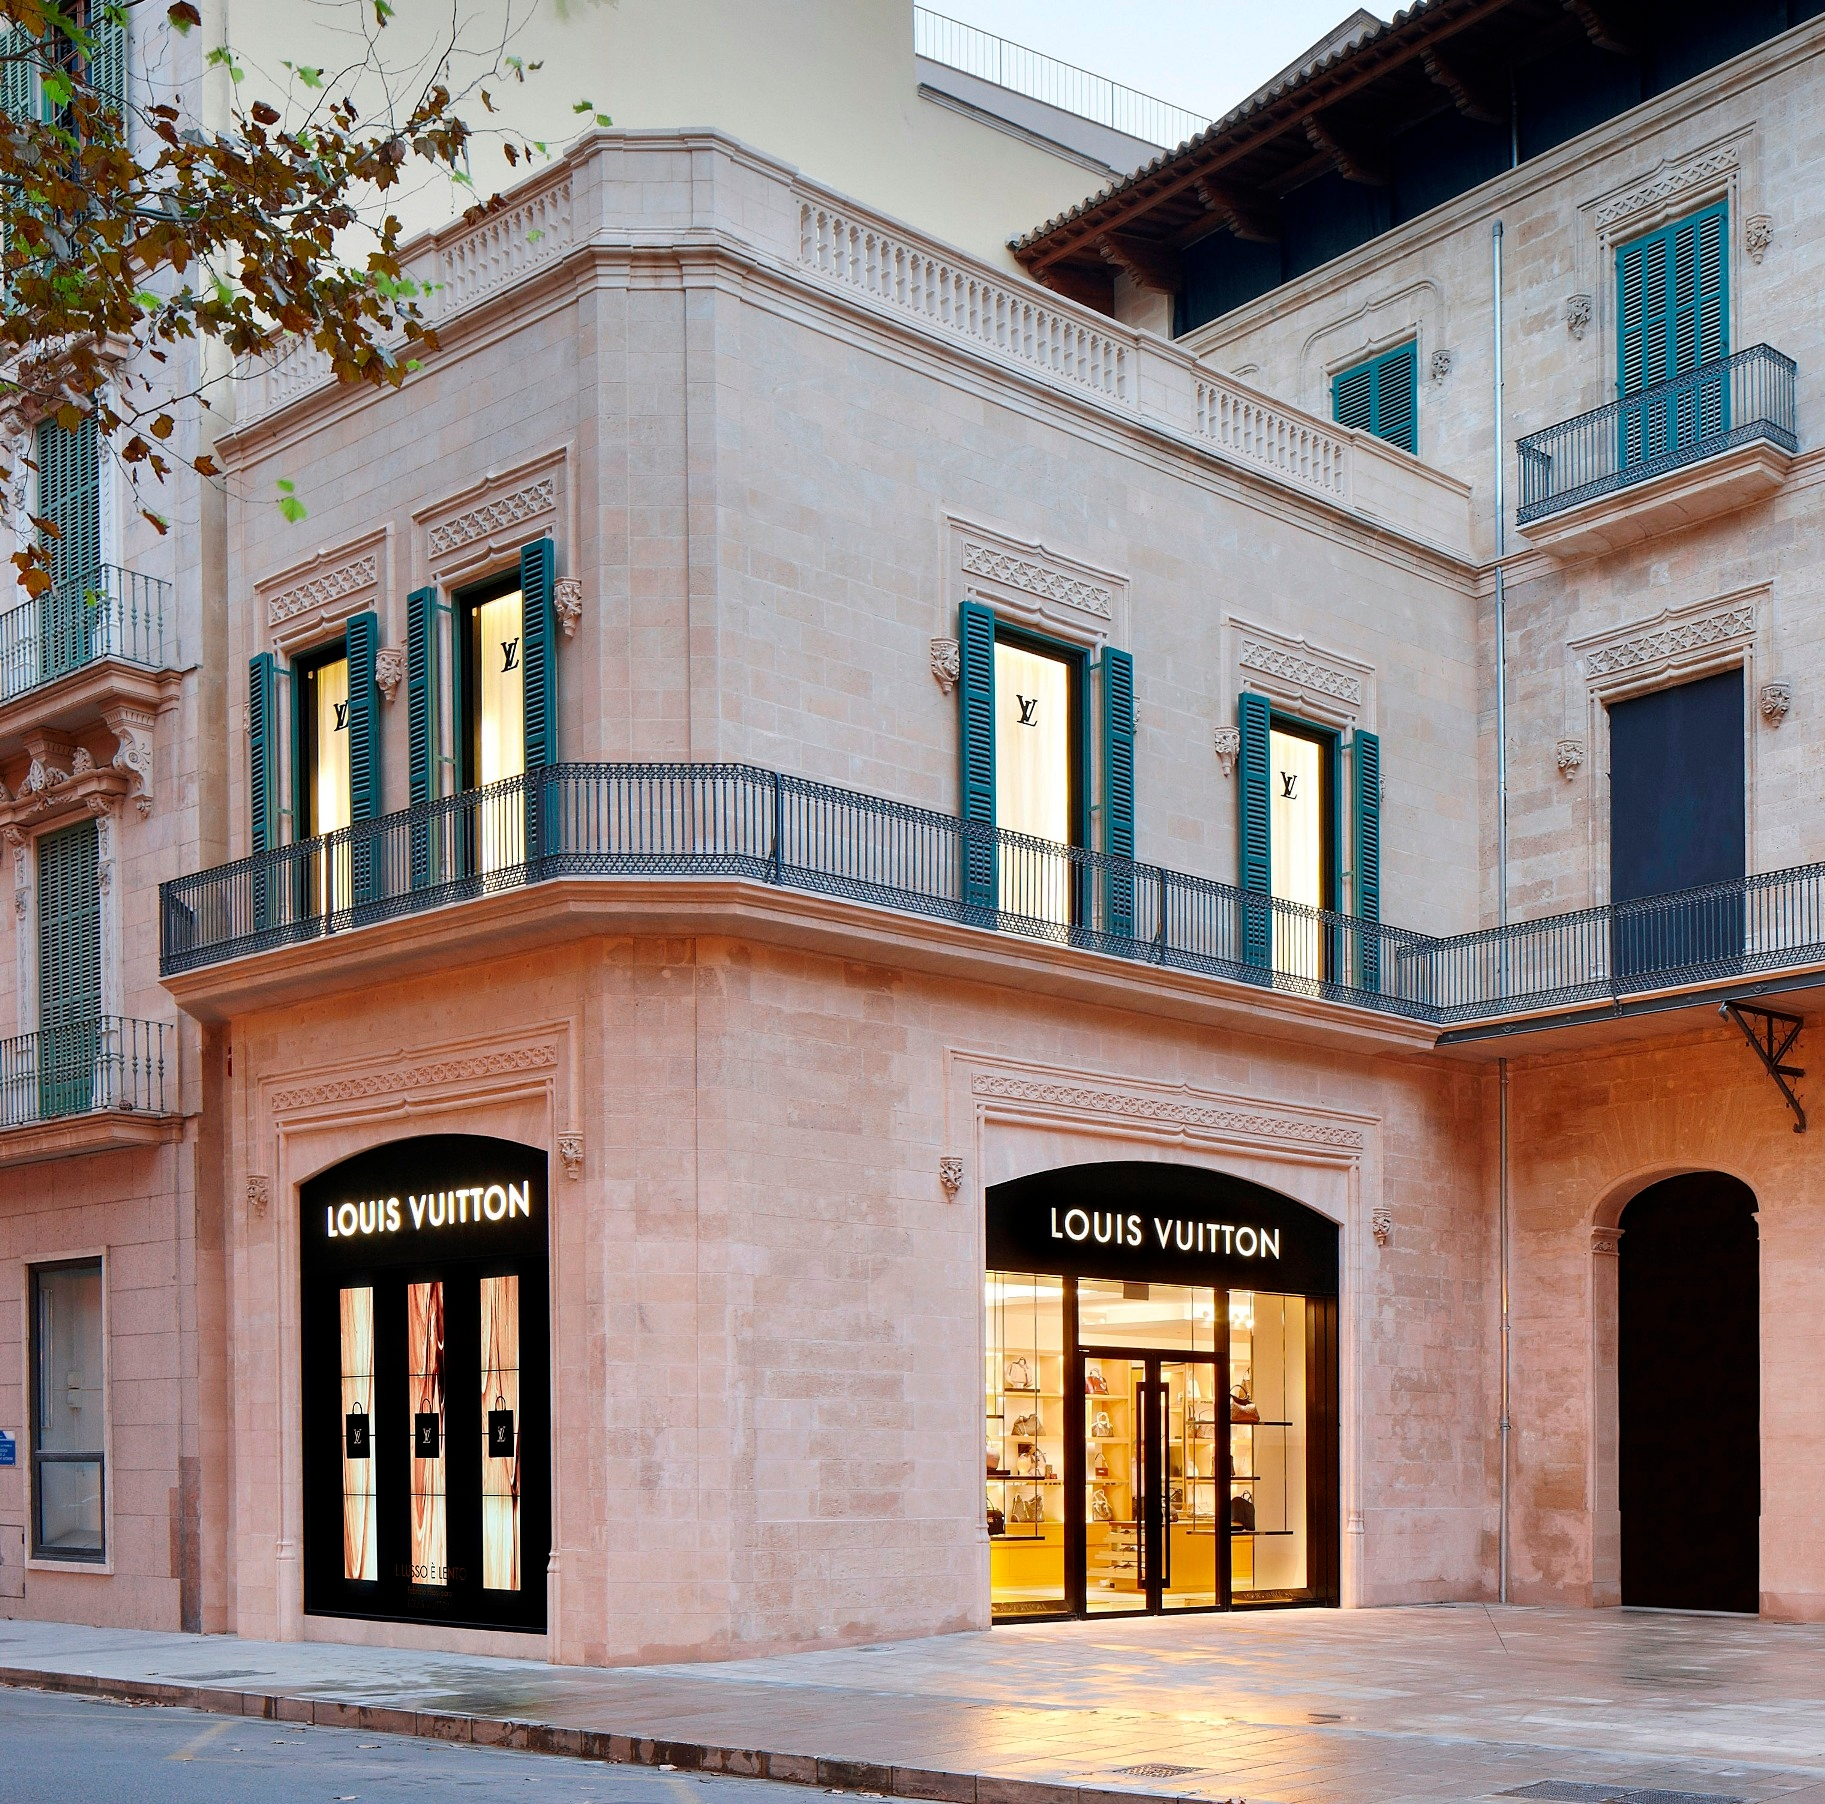 Louis Vuitton Palma De Mallorca